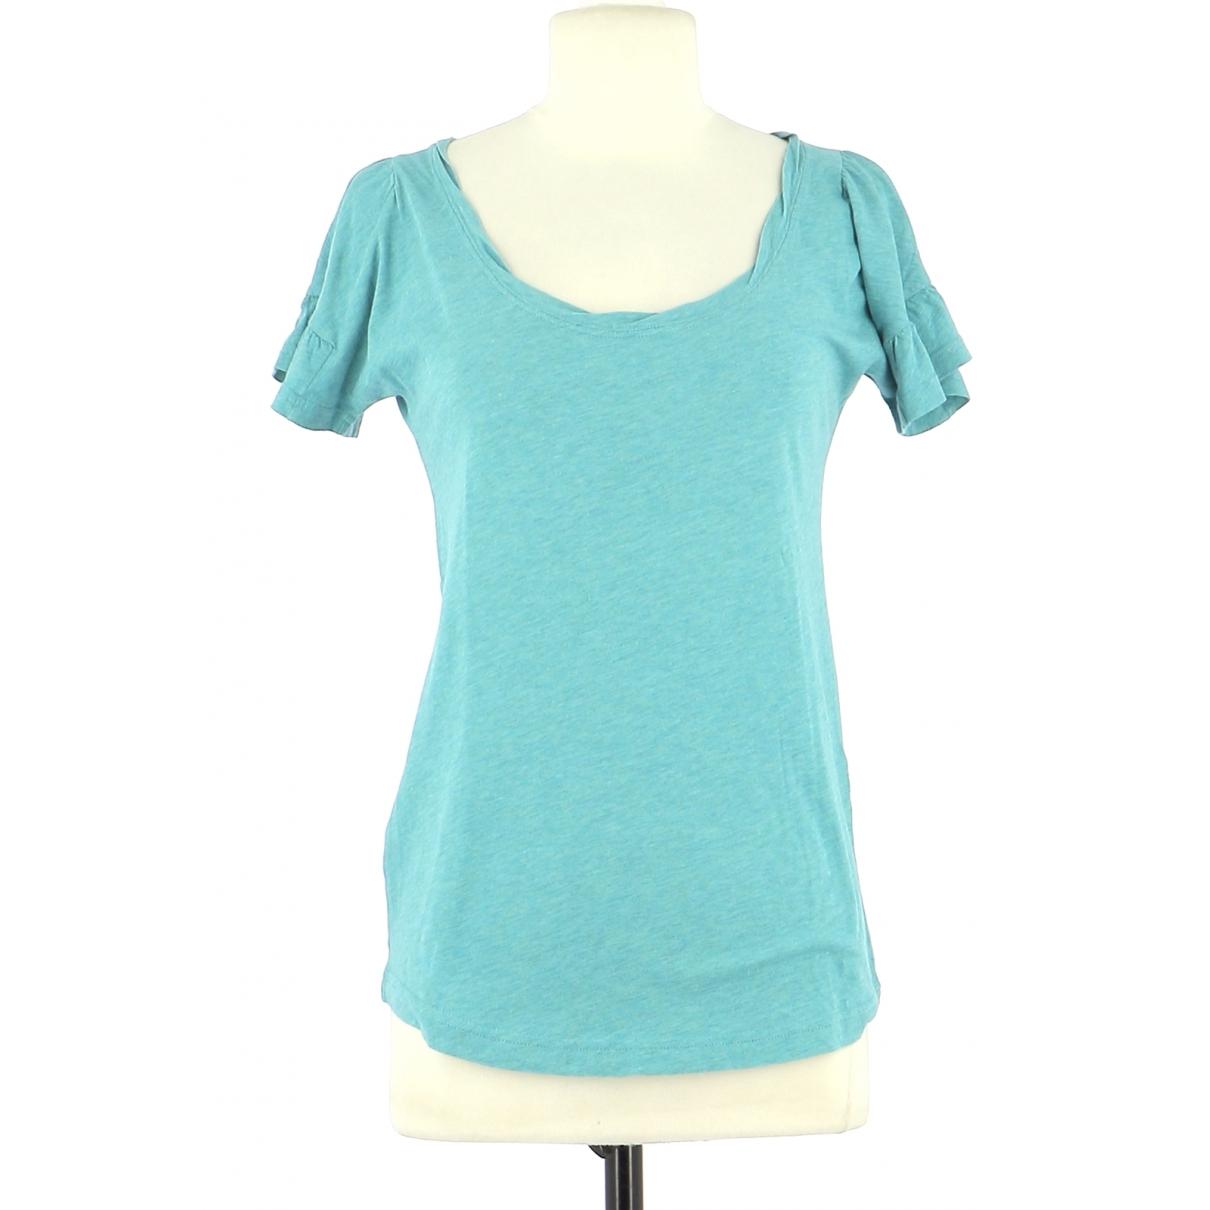 Marc By Marc Jacobs - Top   pour femme en coton - turquoise